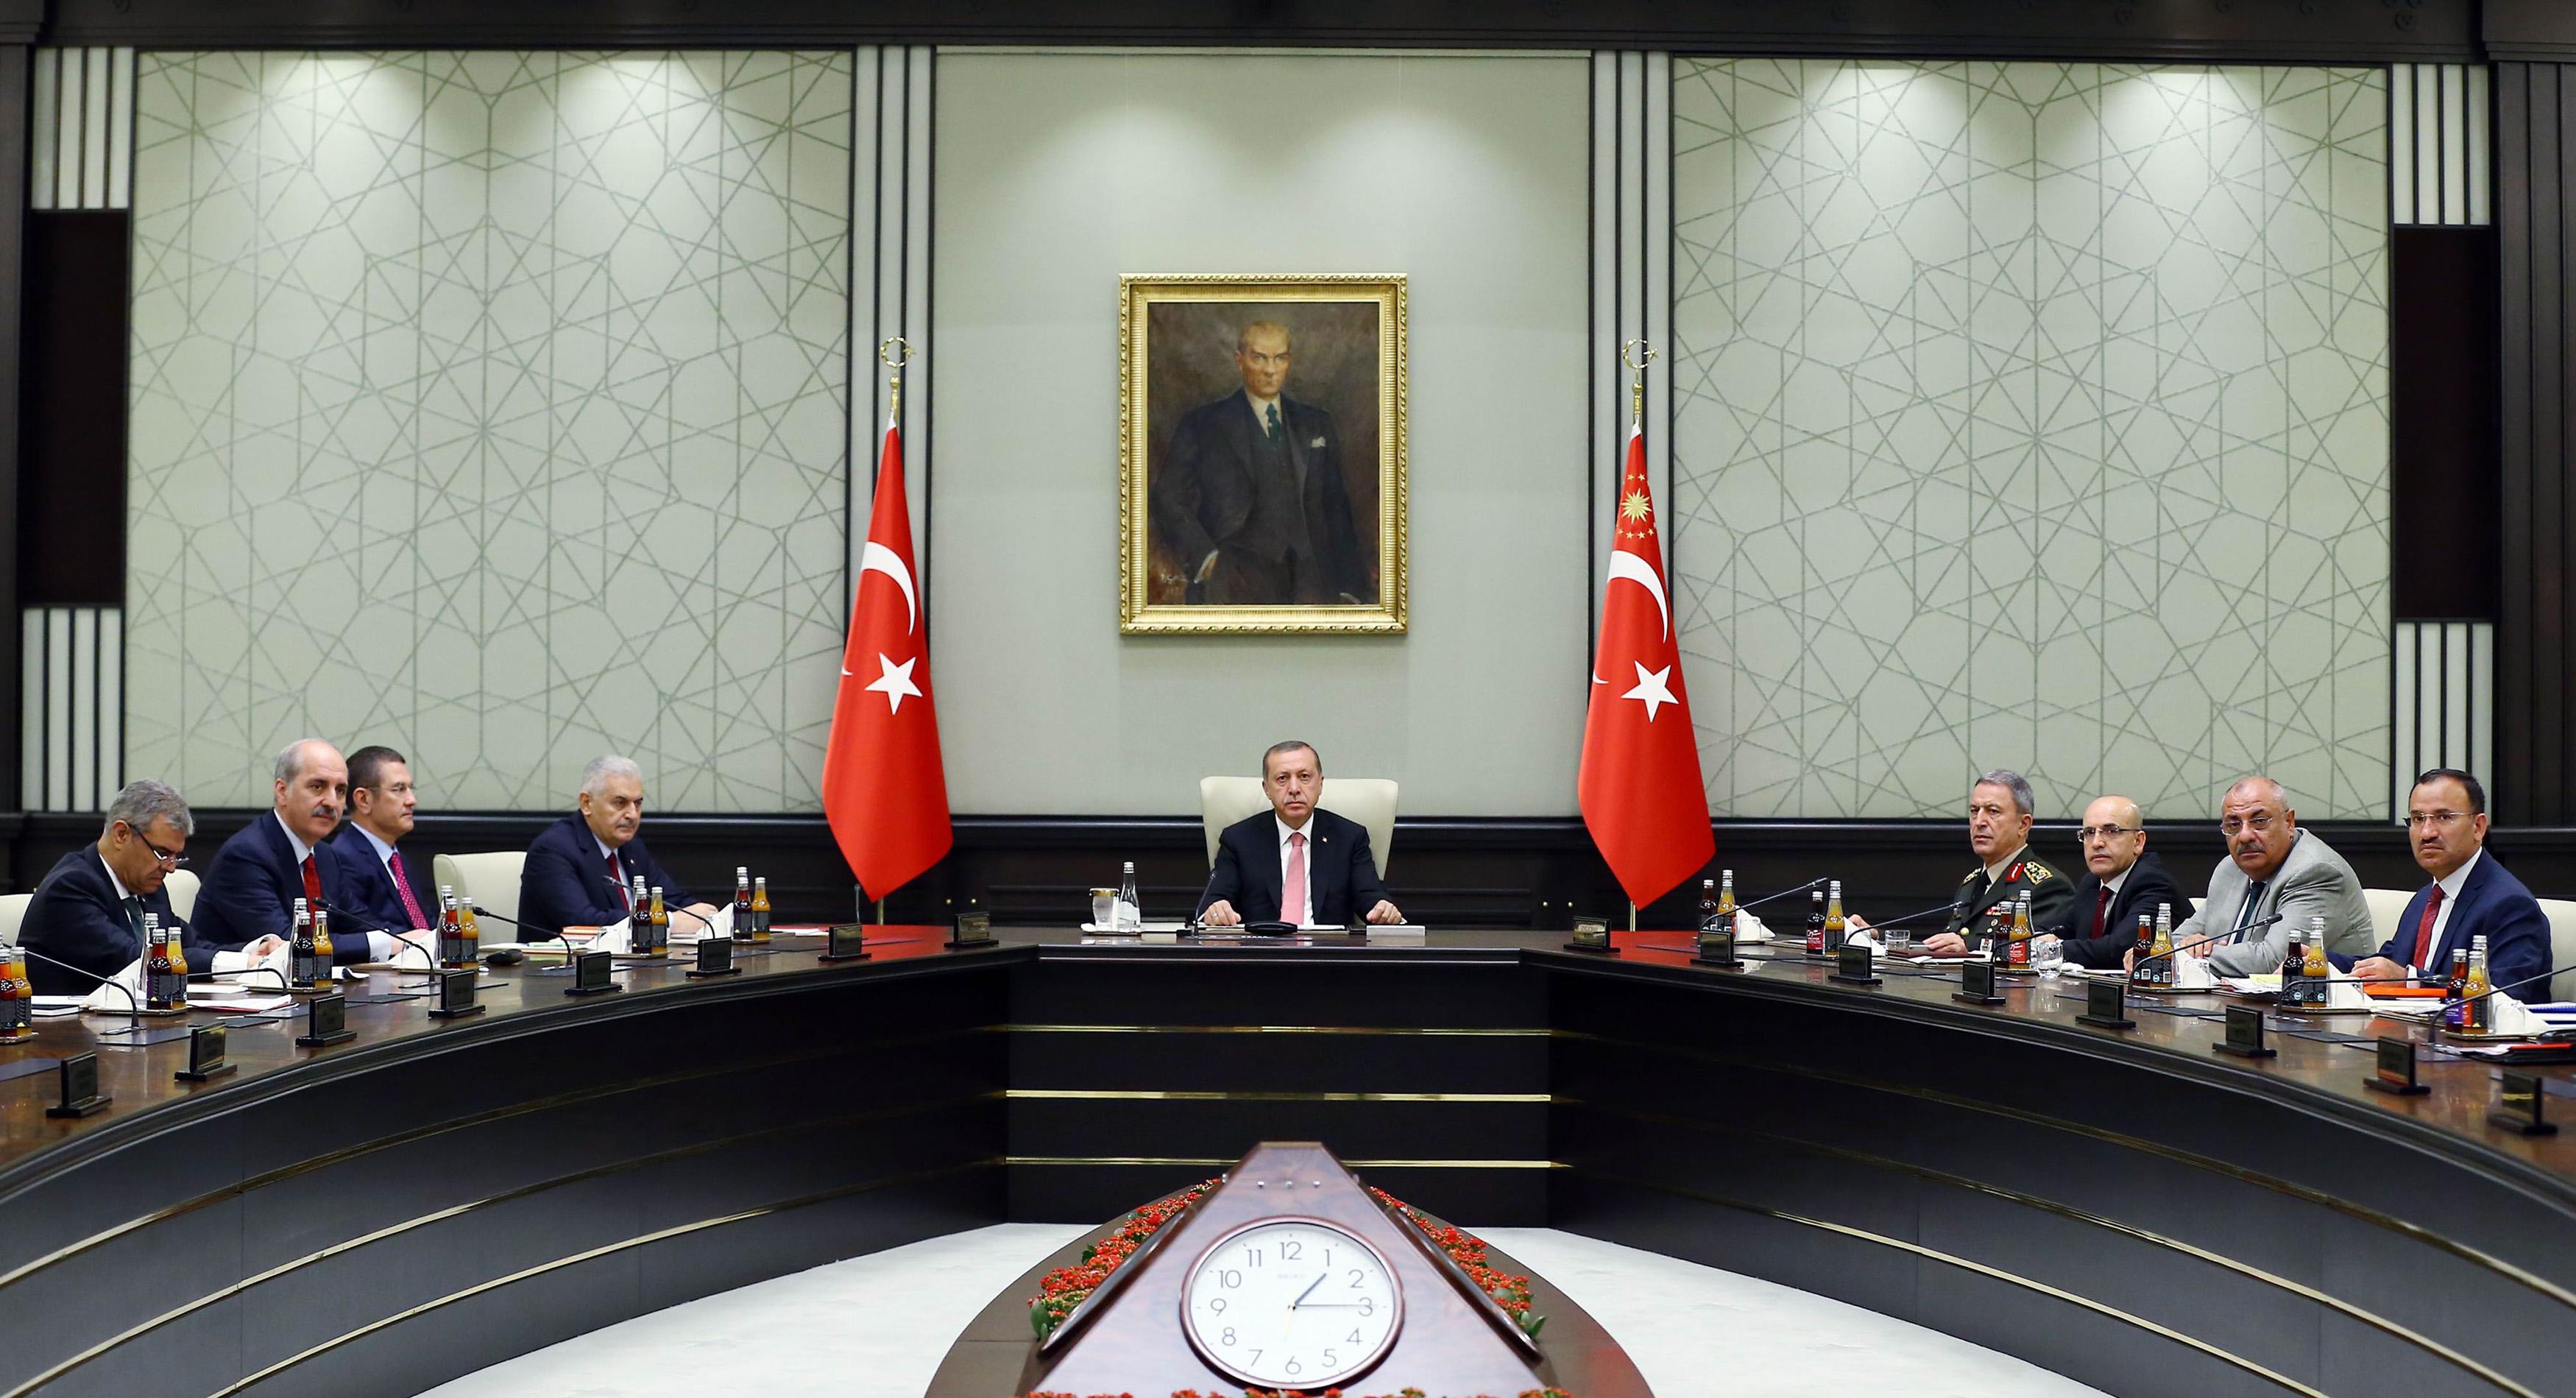 AKP'NİN 696 SAYILI OHAL KARARNAMESİ; 28 ŞUBAT'IN TERS TAKİBİYDİ!